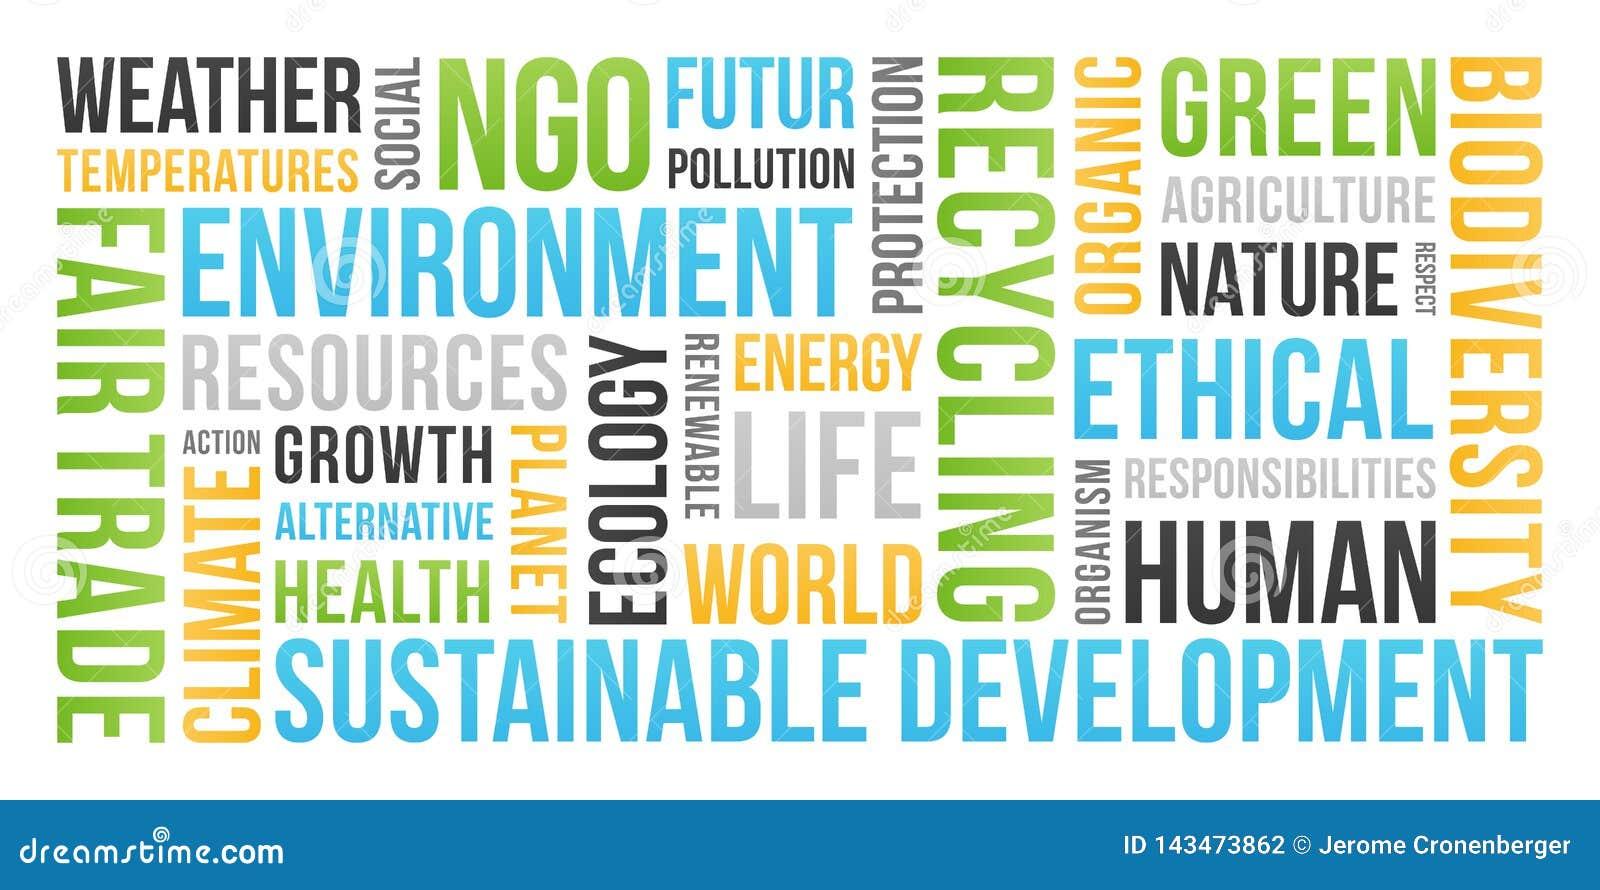 Ekologia, środowisko, podtrzymywalny rozwój - słowo chmura